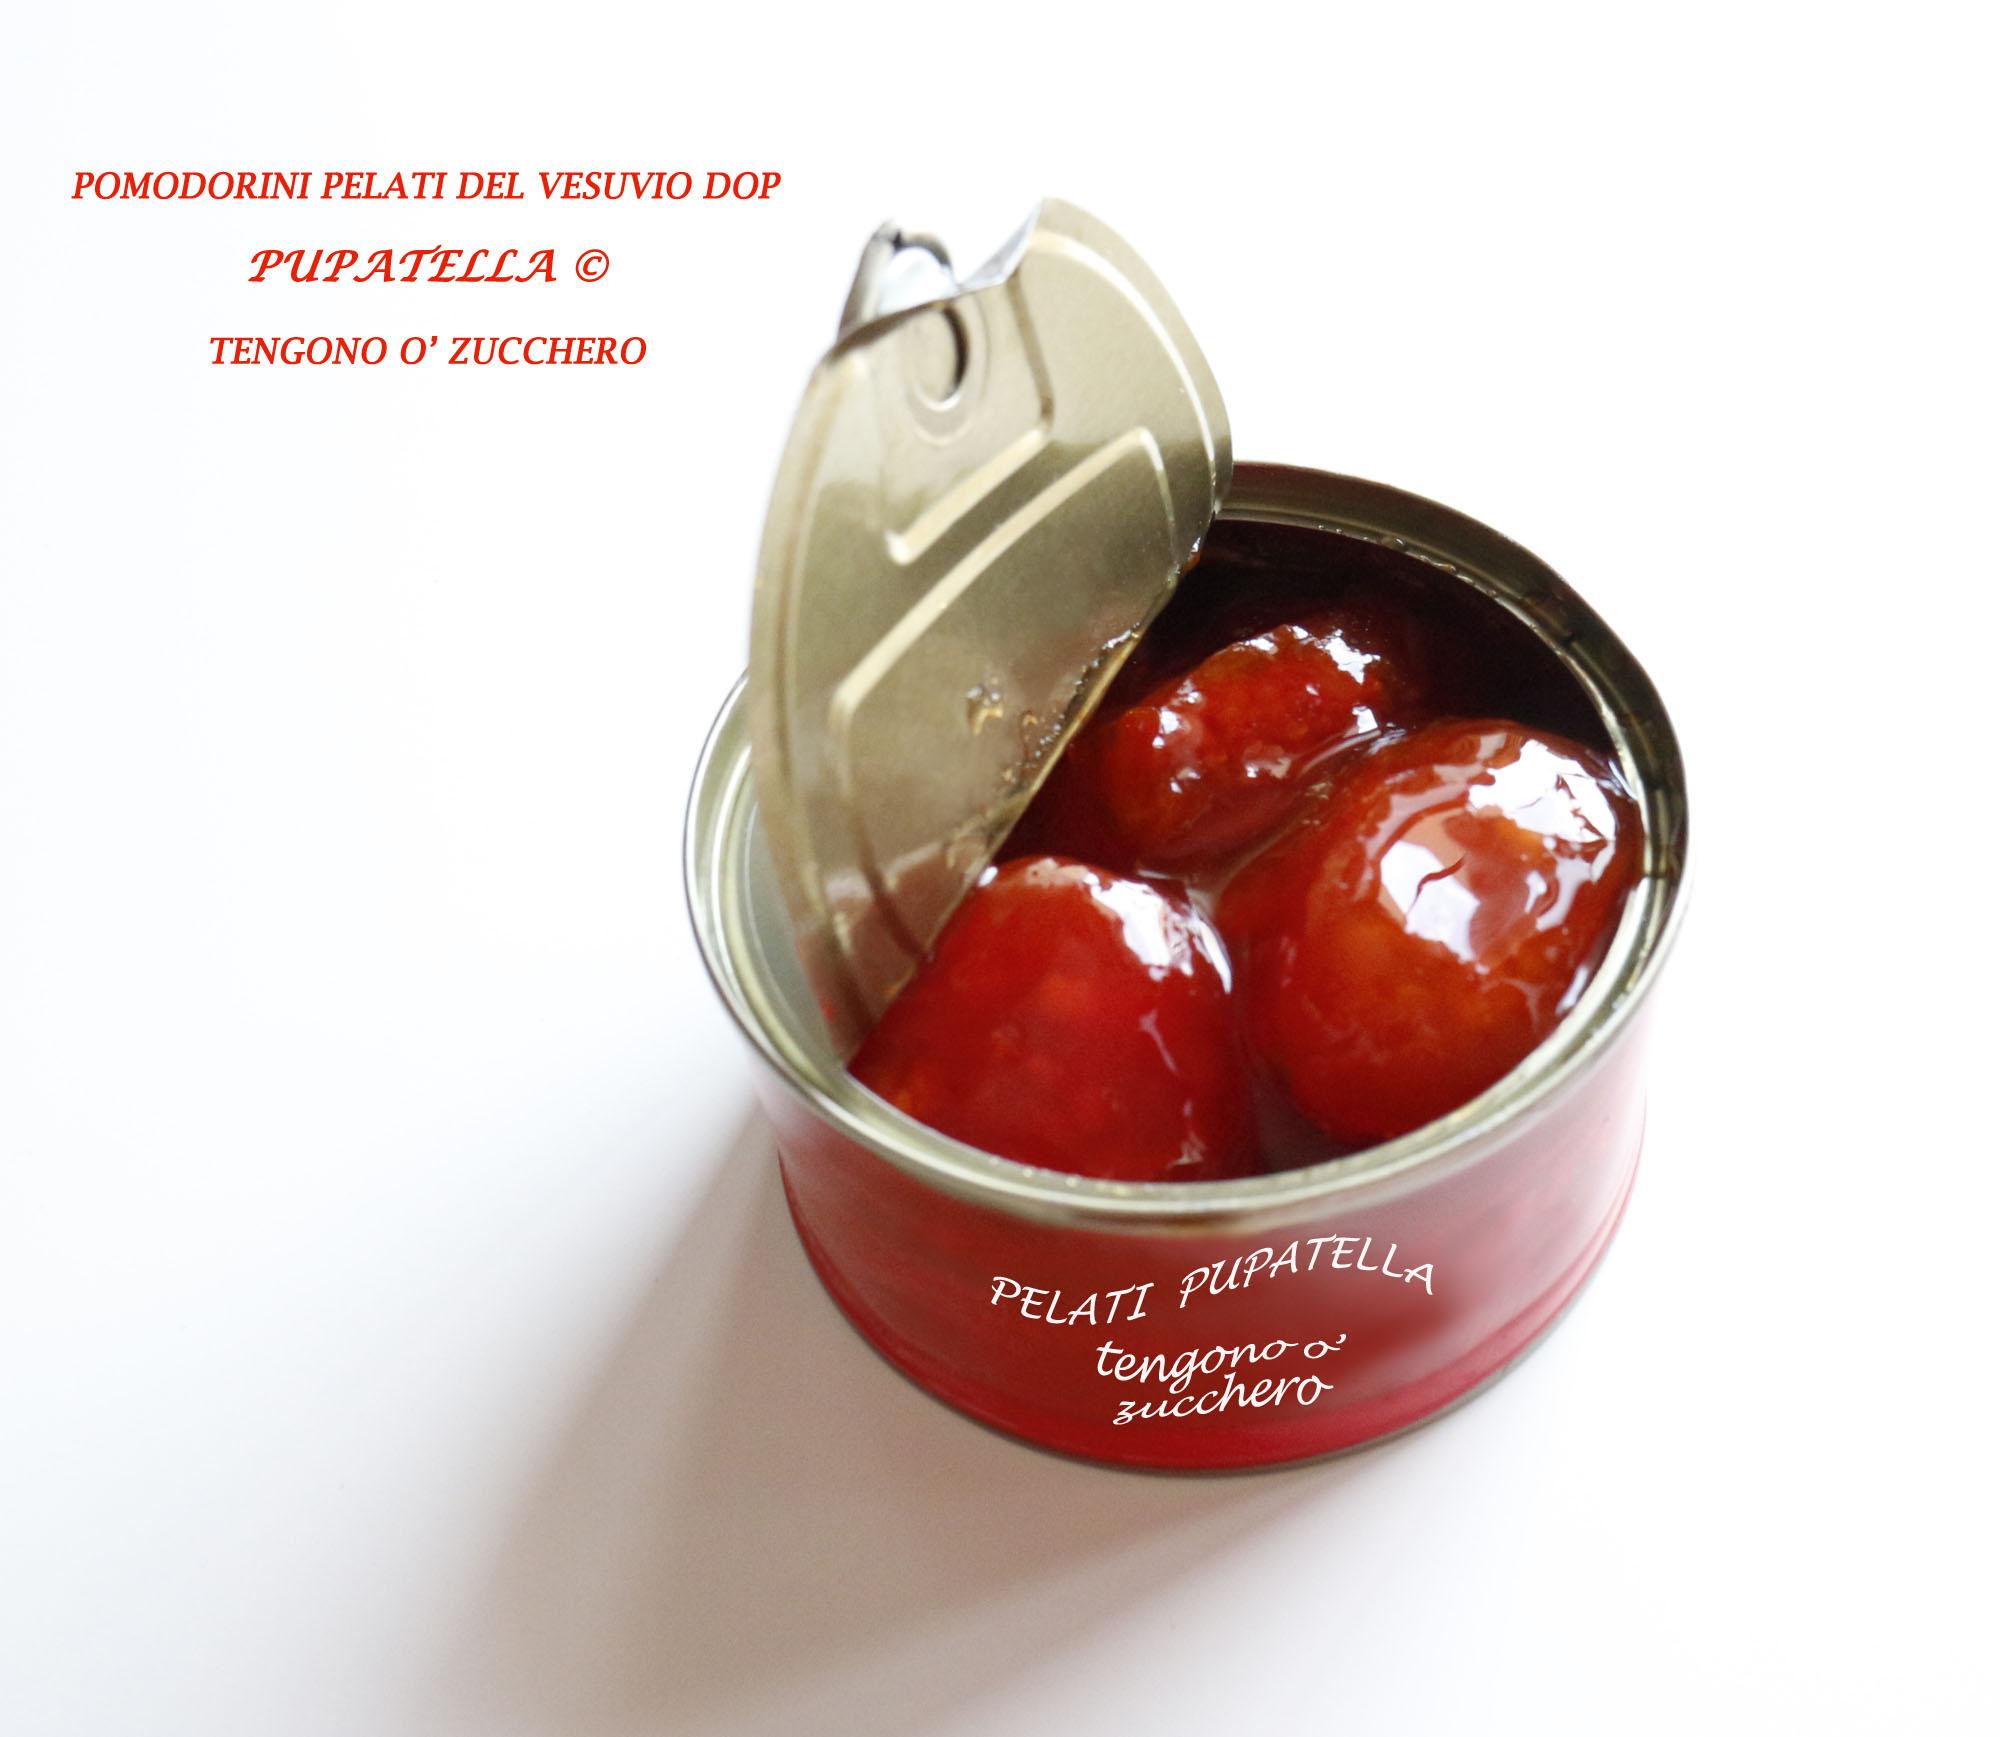 Pomodorini PELATI sciroppati Pupatella©